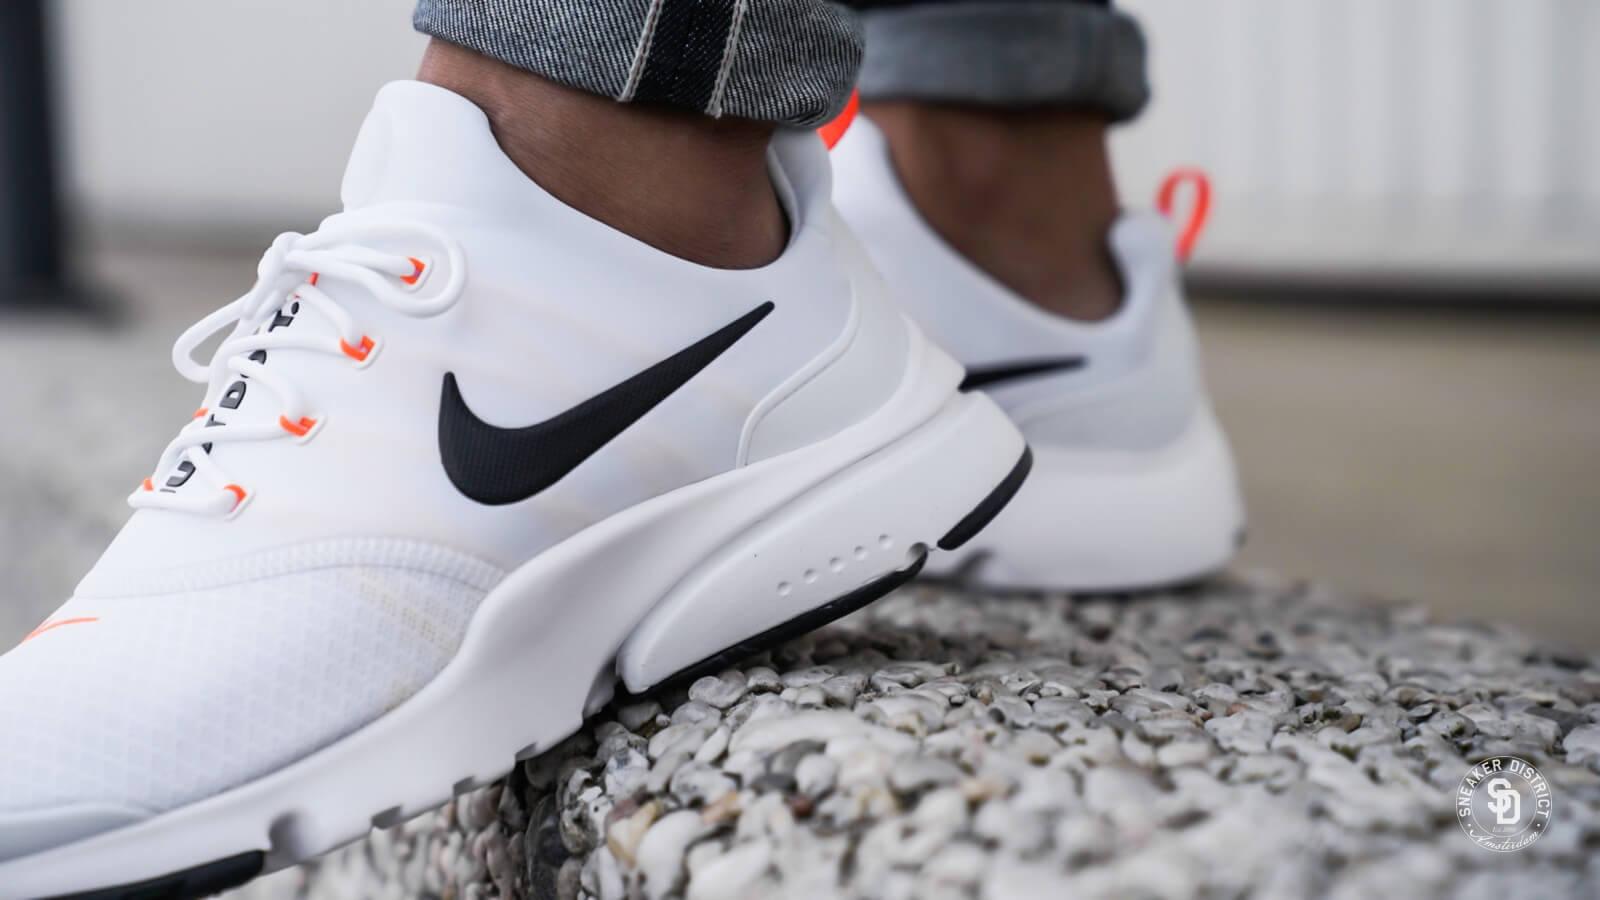 Nike Presto Fly Just Do It White/Black-Total Orange